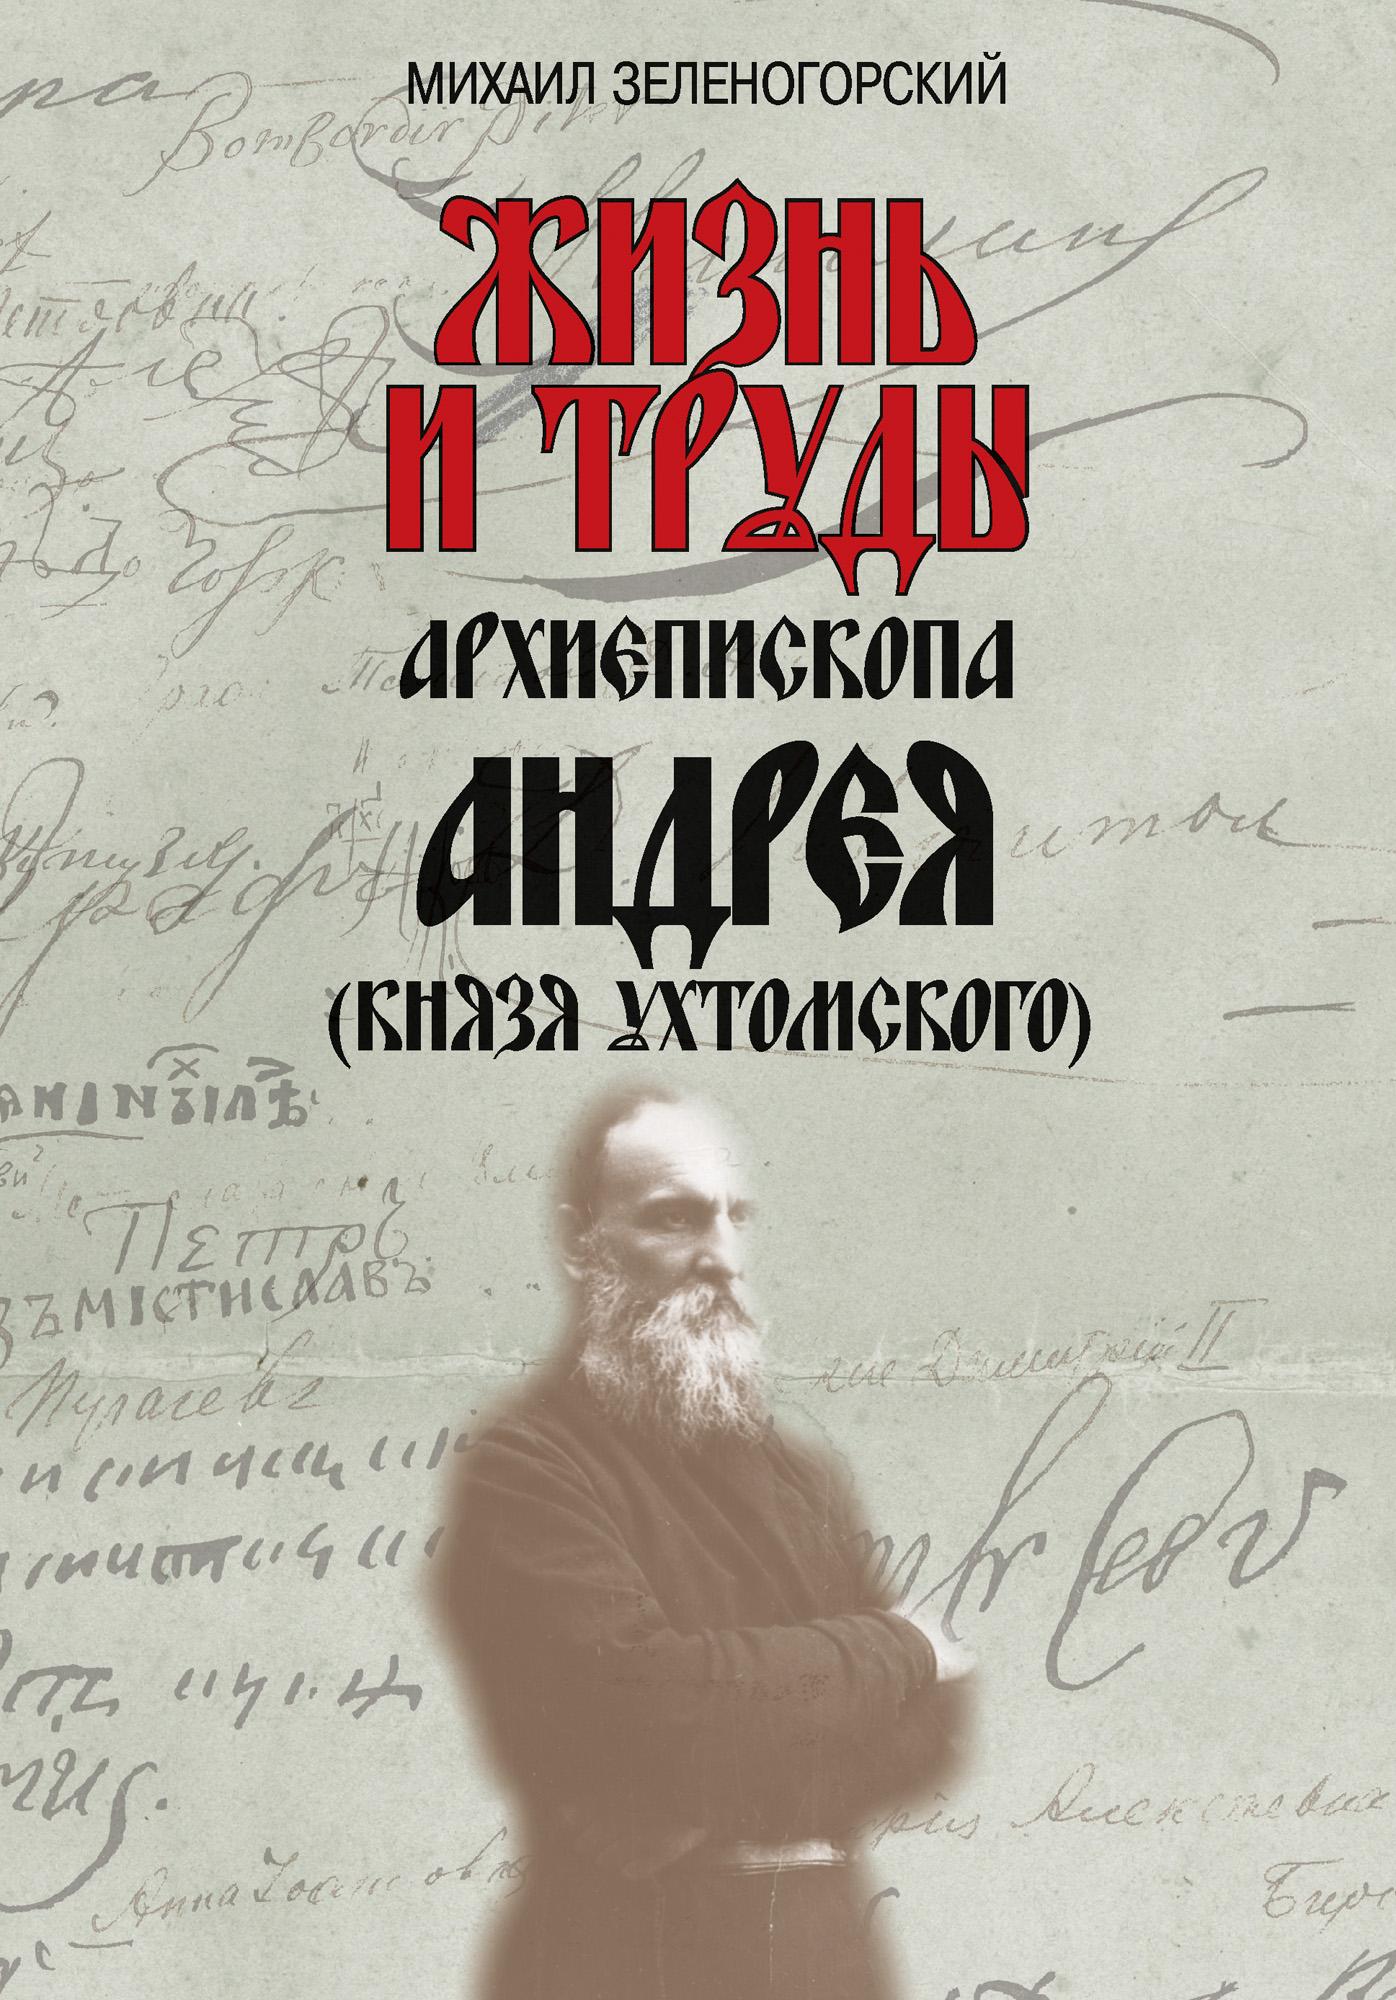 Жизнь и труды архиепископа Андрея (князя Ухтомского)